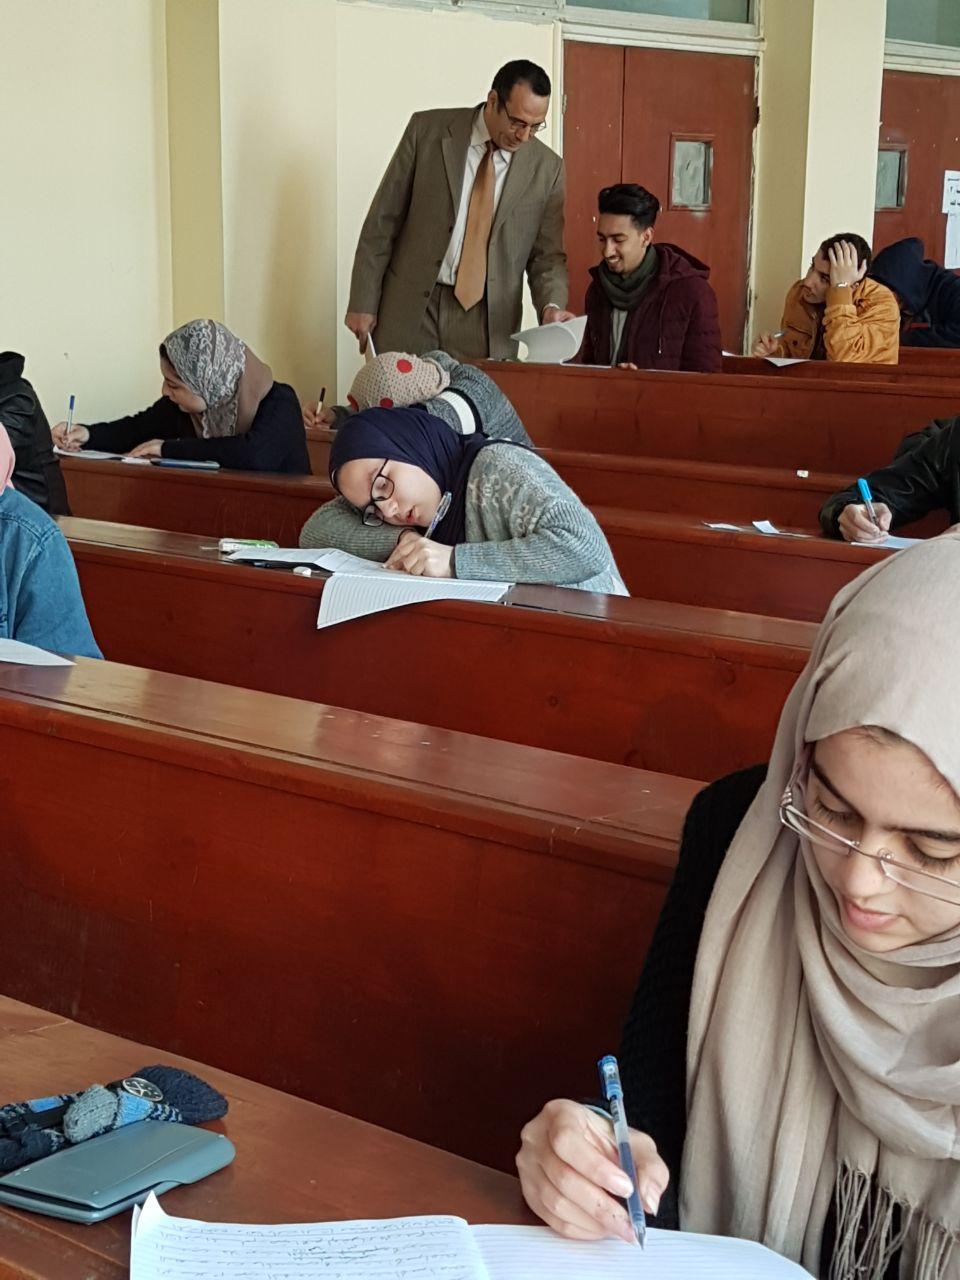 أ.د /ابراهيم النجار بتفقد لجان امتحانات شعبة اللغة الانجليزية